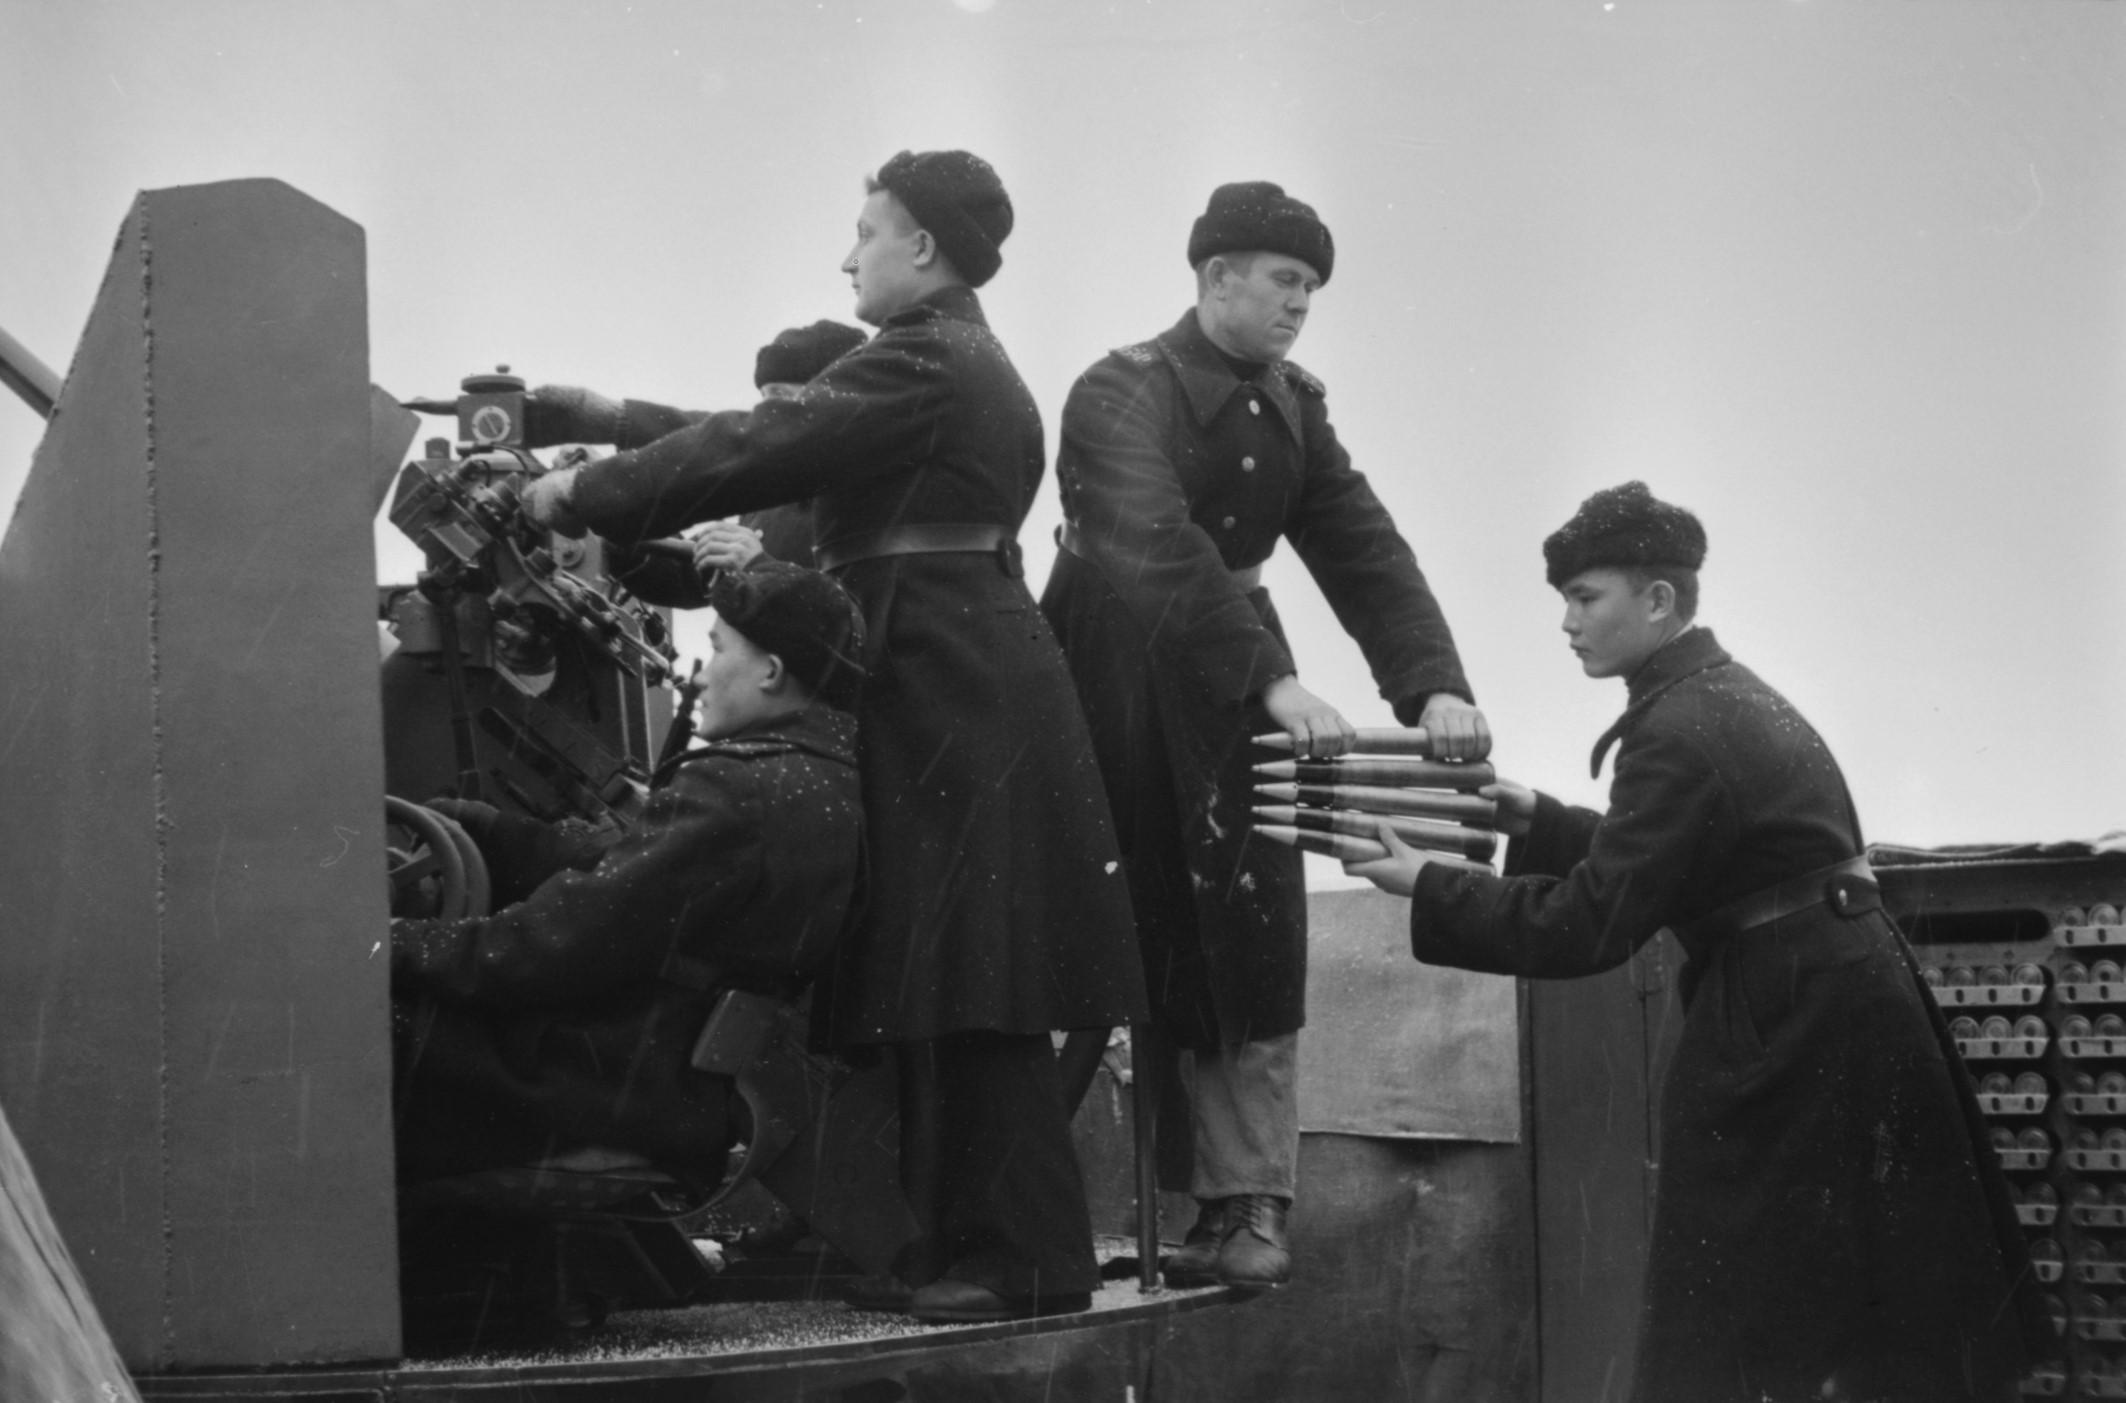 Зенитный расчёт ведет огонь по врагу, 1944